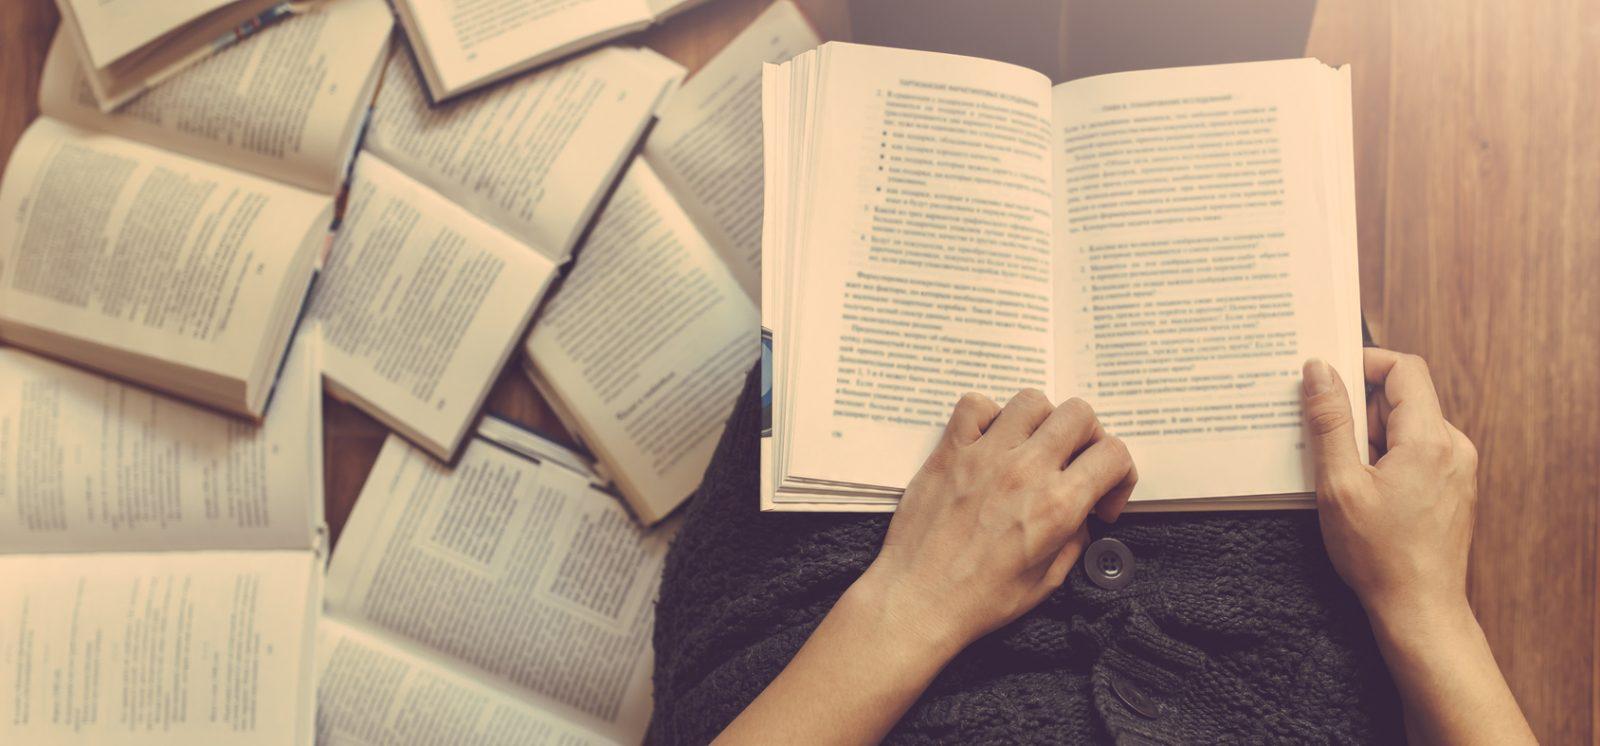 Przepędzanie czarnych myśli: książki